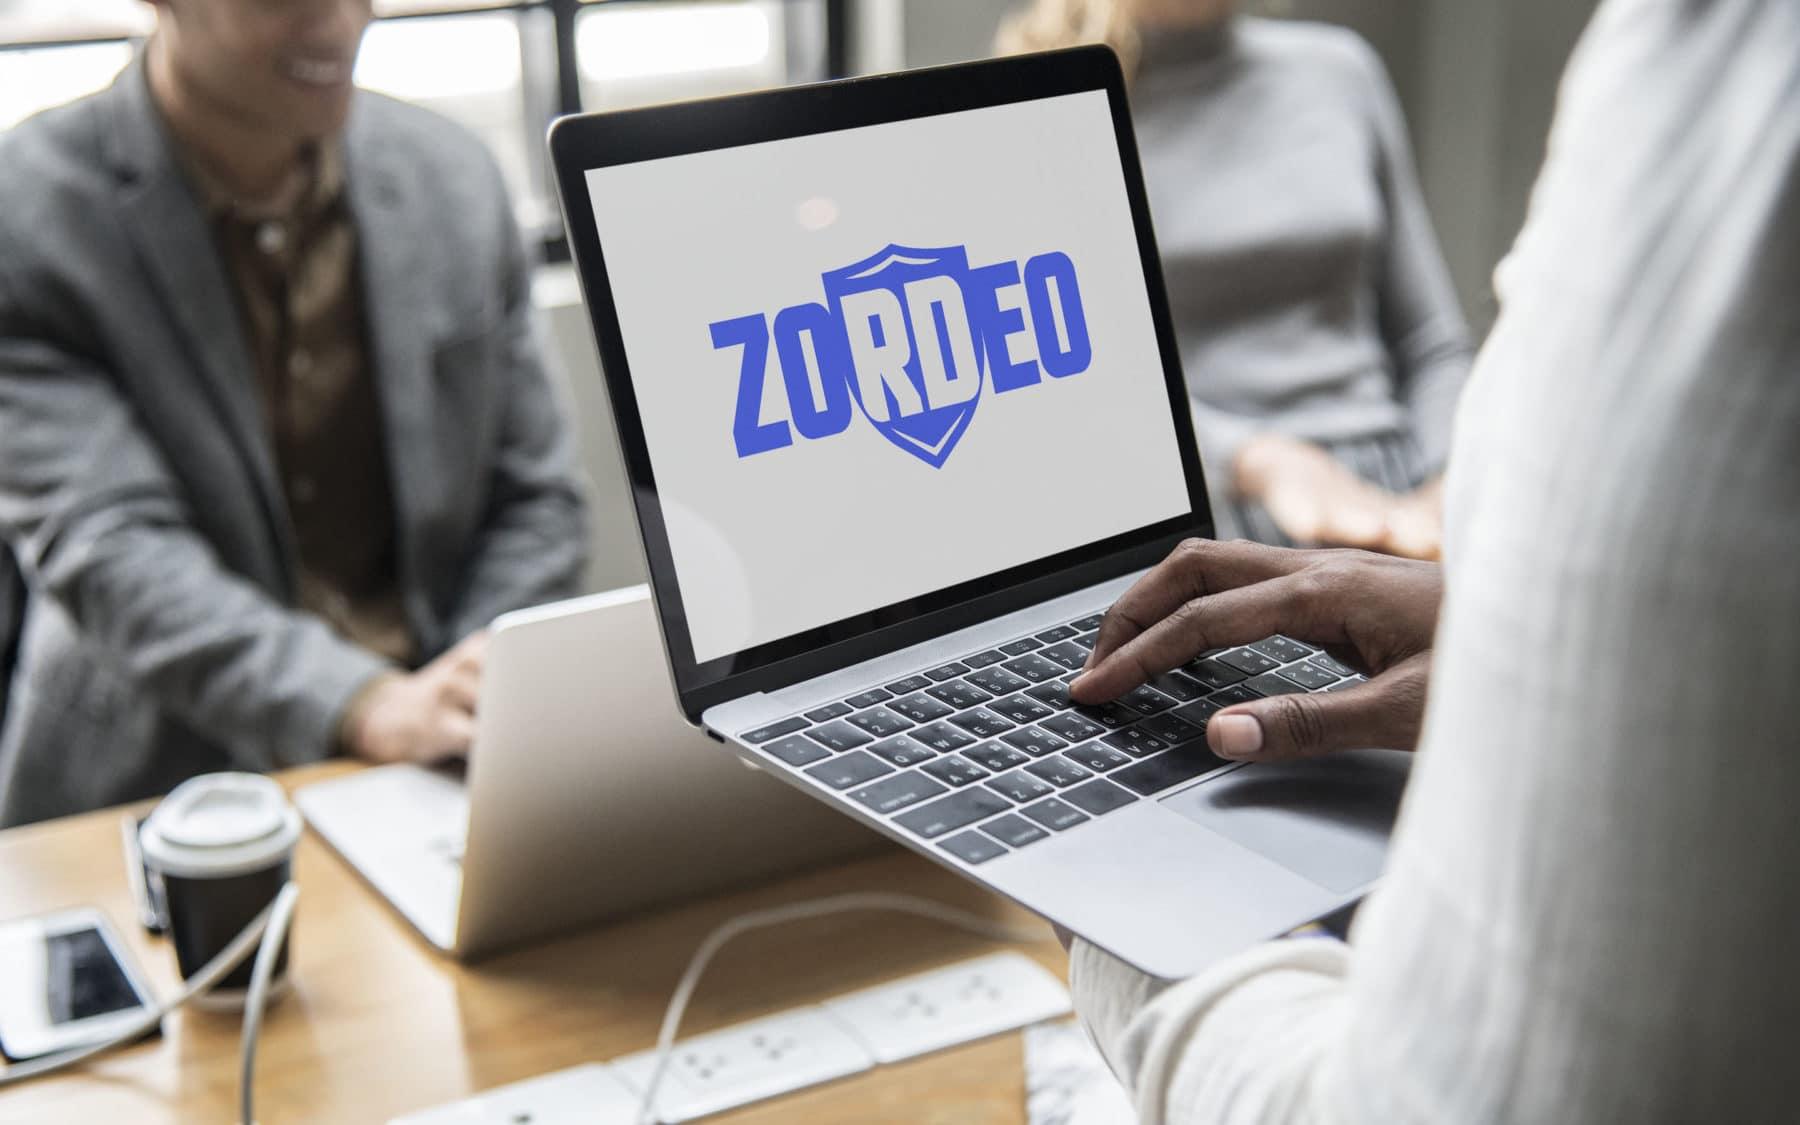 Zordeo 2